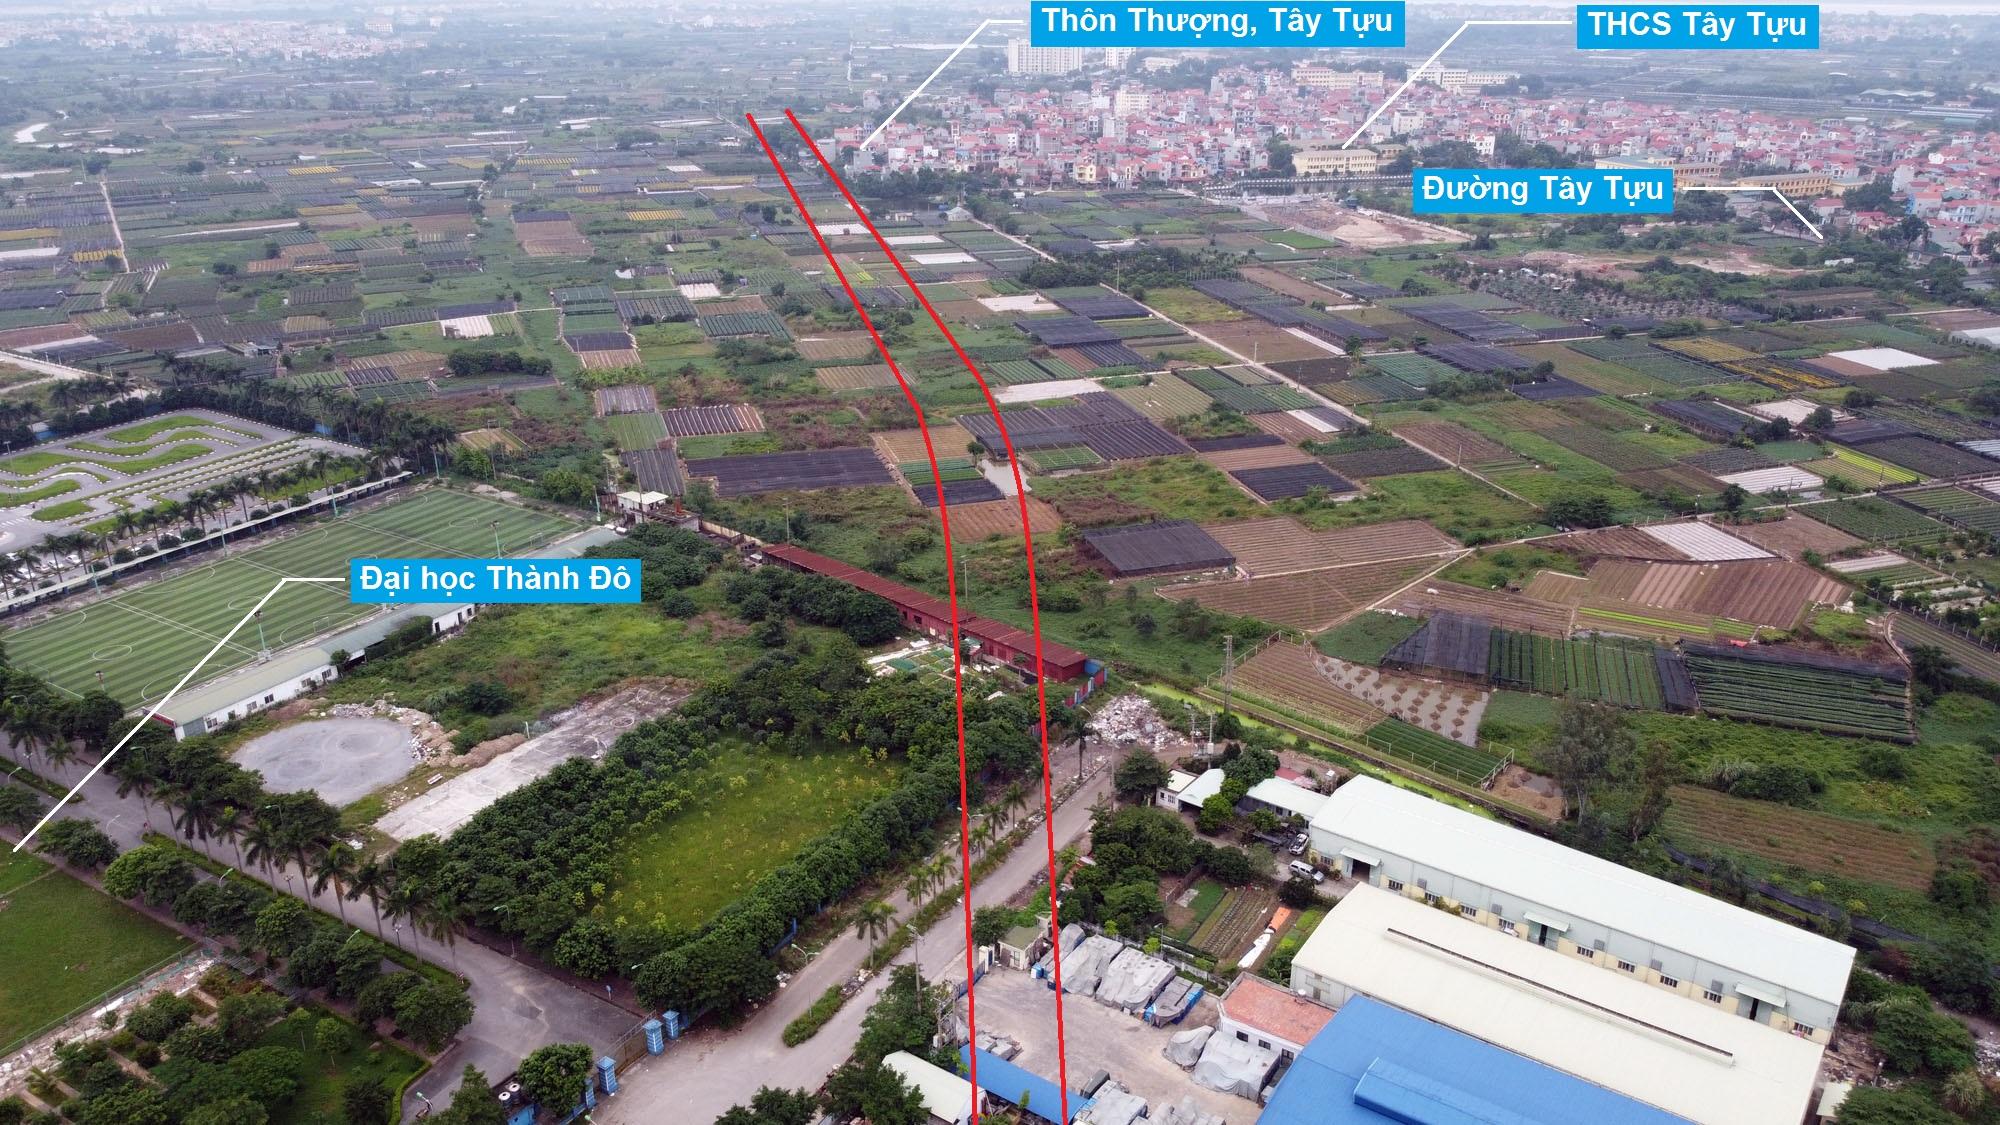 Ba đường sẽ mở theo qui hoạch ở phường Tây Tựu, Bắc Từ Liêm (phần 2) - Ảnh 3.